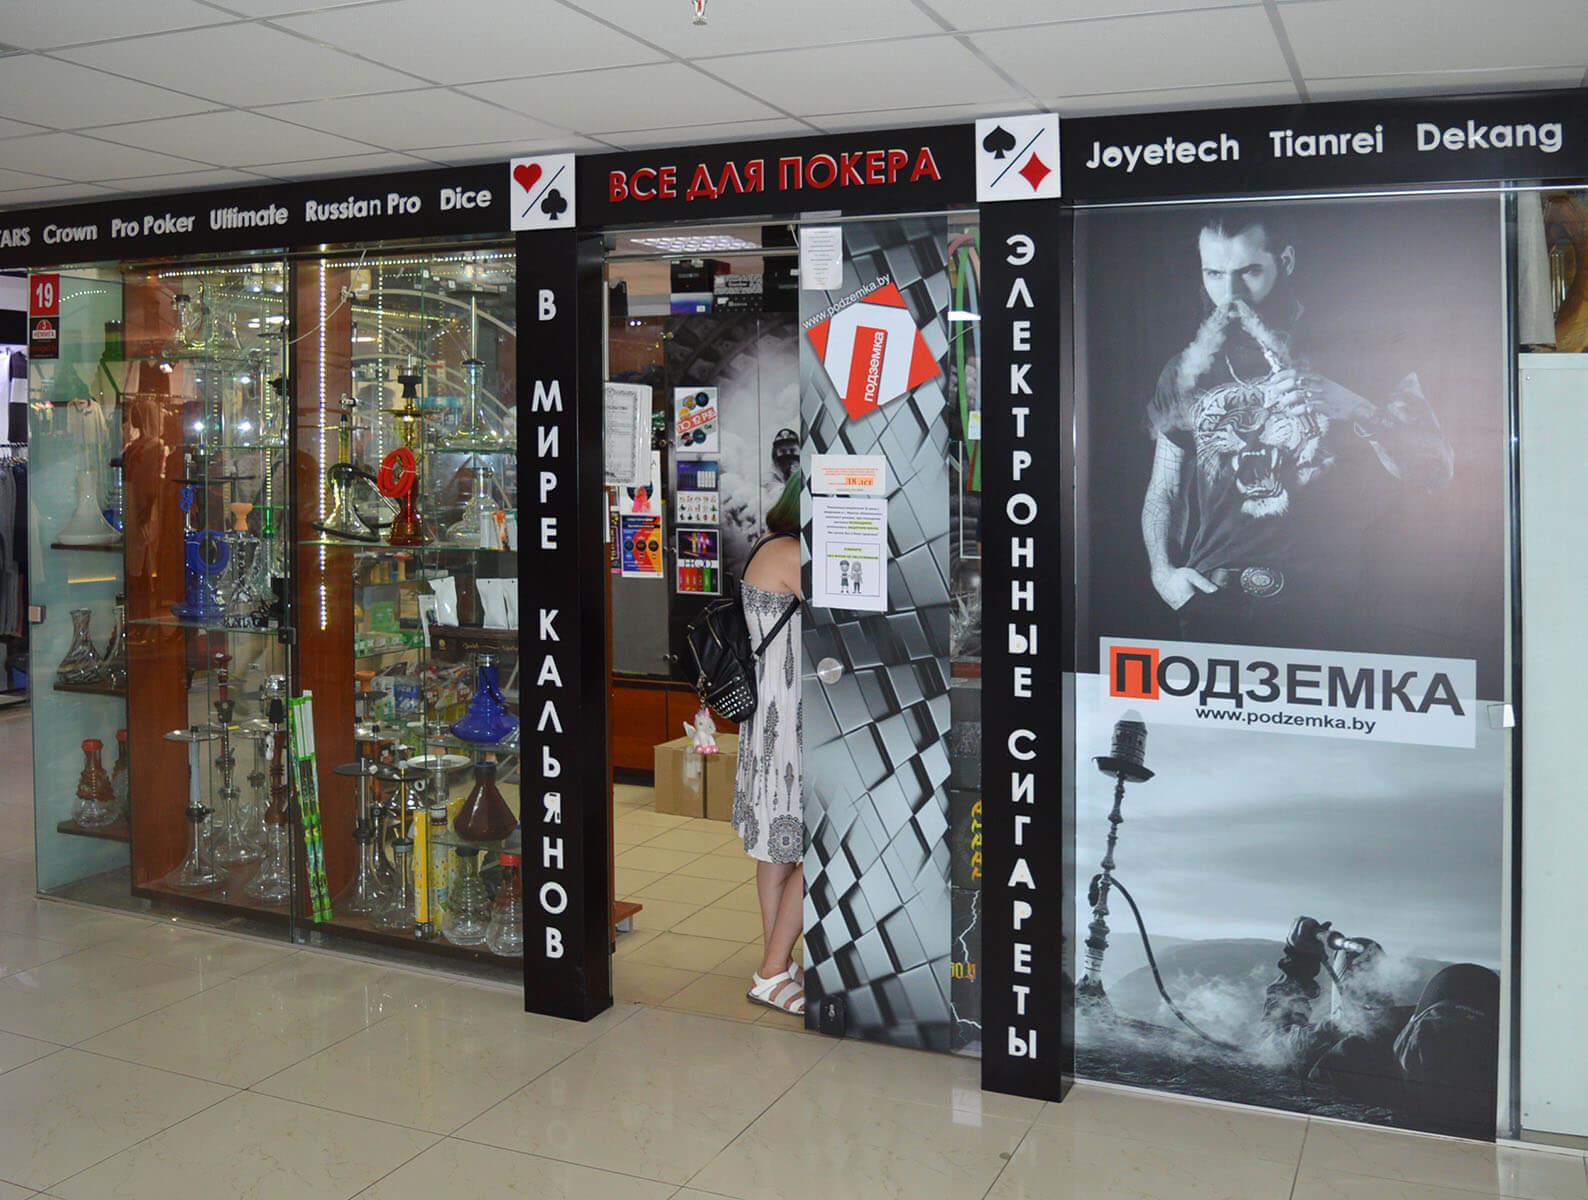 «ПОДЗЕМКА» (Podzemka) - магазин кальянов, игры настрольные и для покера, товаров для йоги и электронных парогенераторов в Торговом Центре «Немига 3»